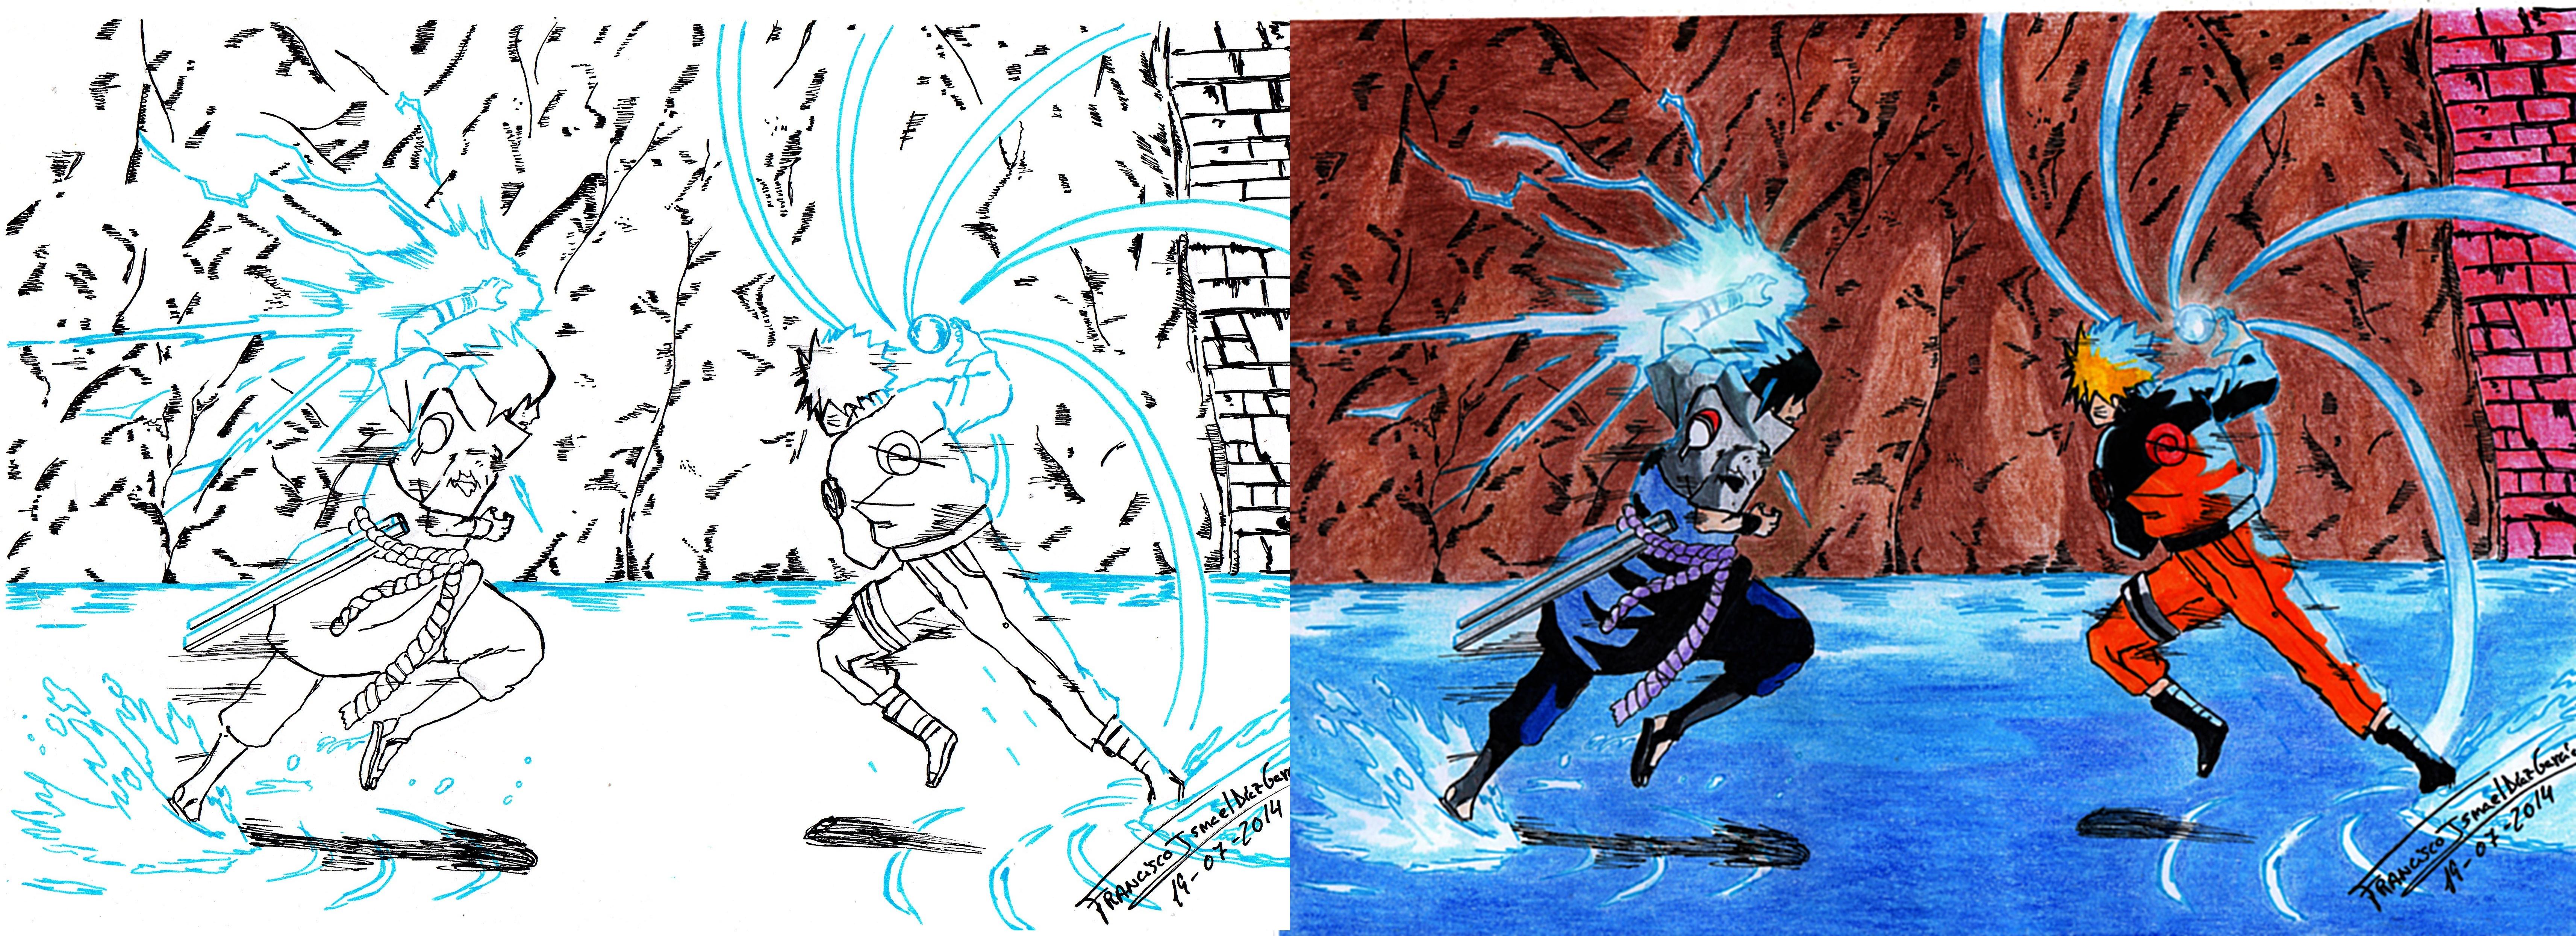 Naruto Vs Sasuke Rasengan Vs Chidori By Franismael117 On Deviantart